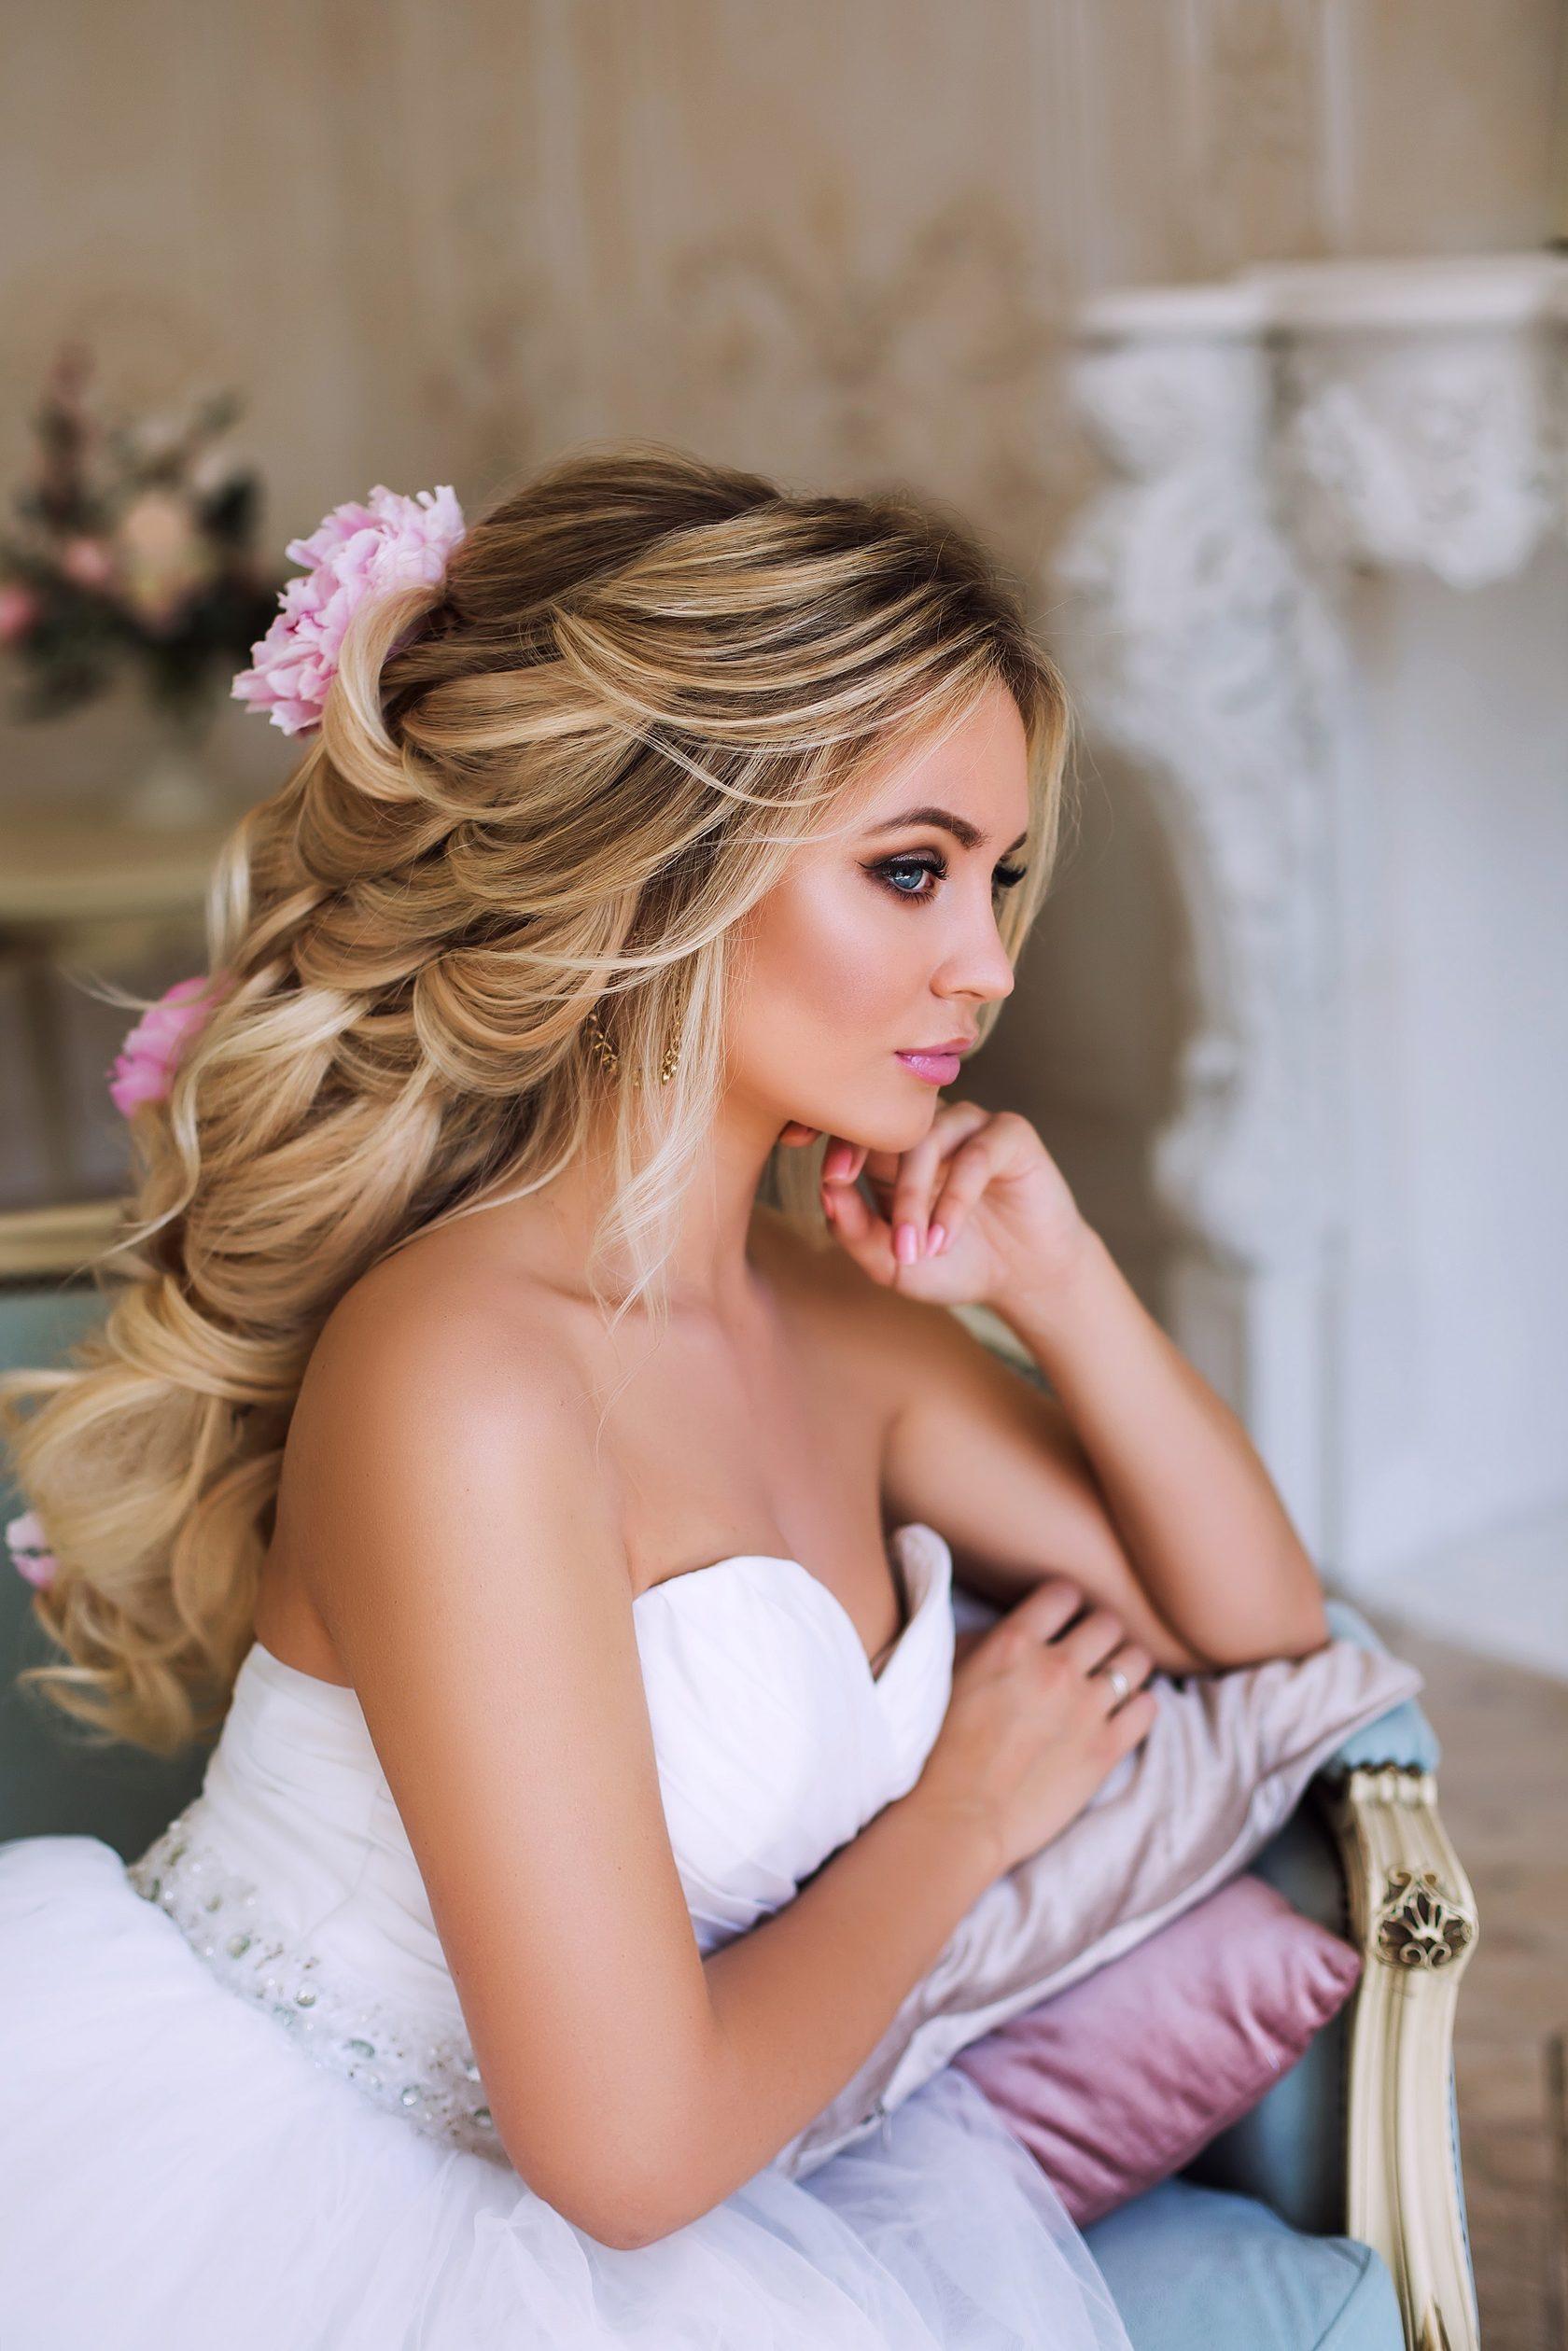 Самые красивые девушки скайрима на которых можно жениться